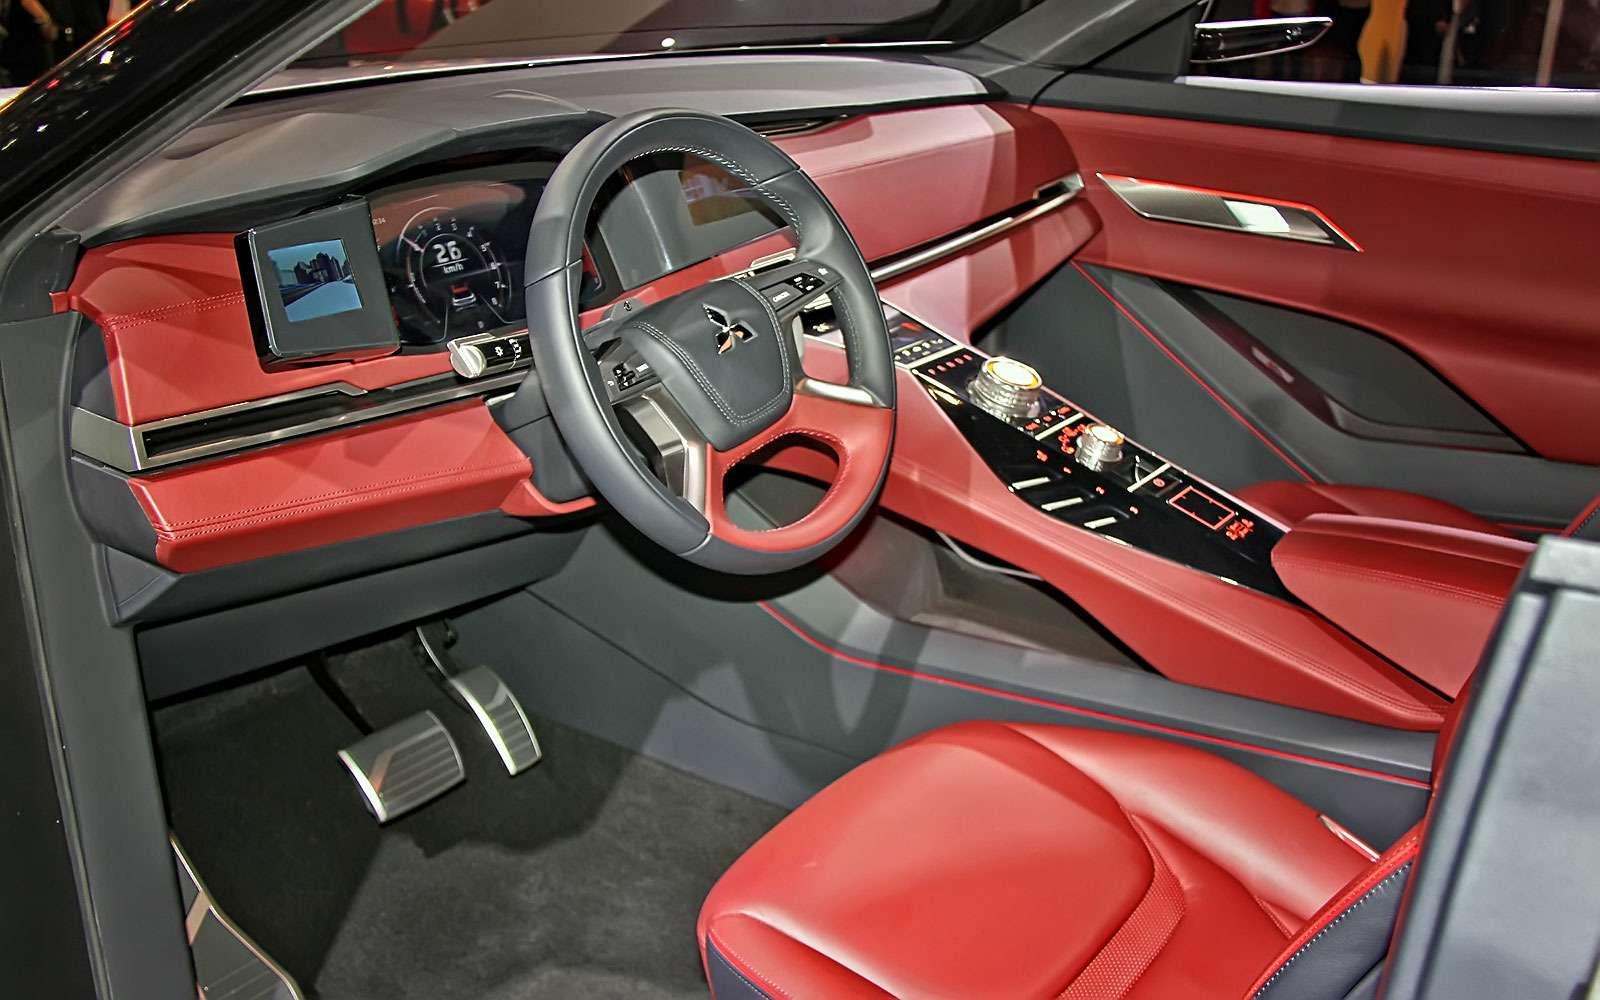 Метеозависимый: Mitsubishi рассказала оталантах вседорожника GT-PHEV— фото 641479